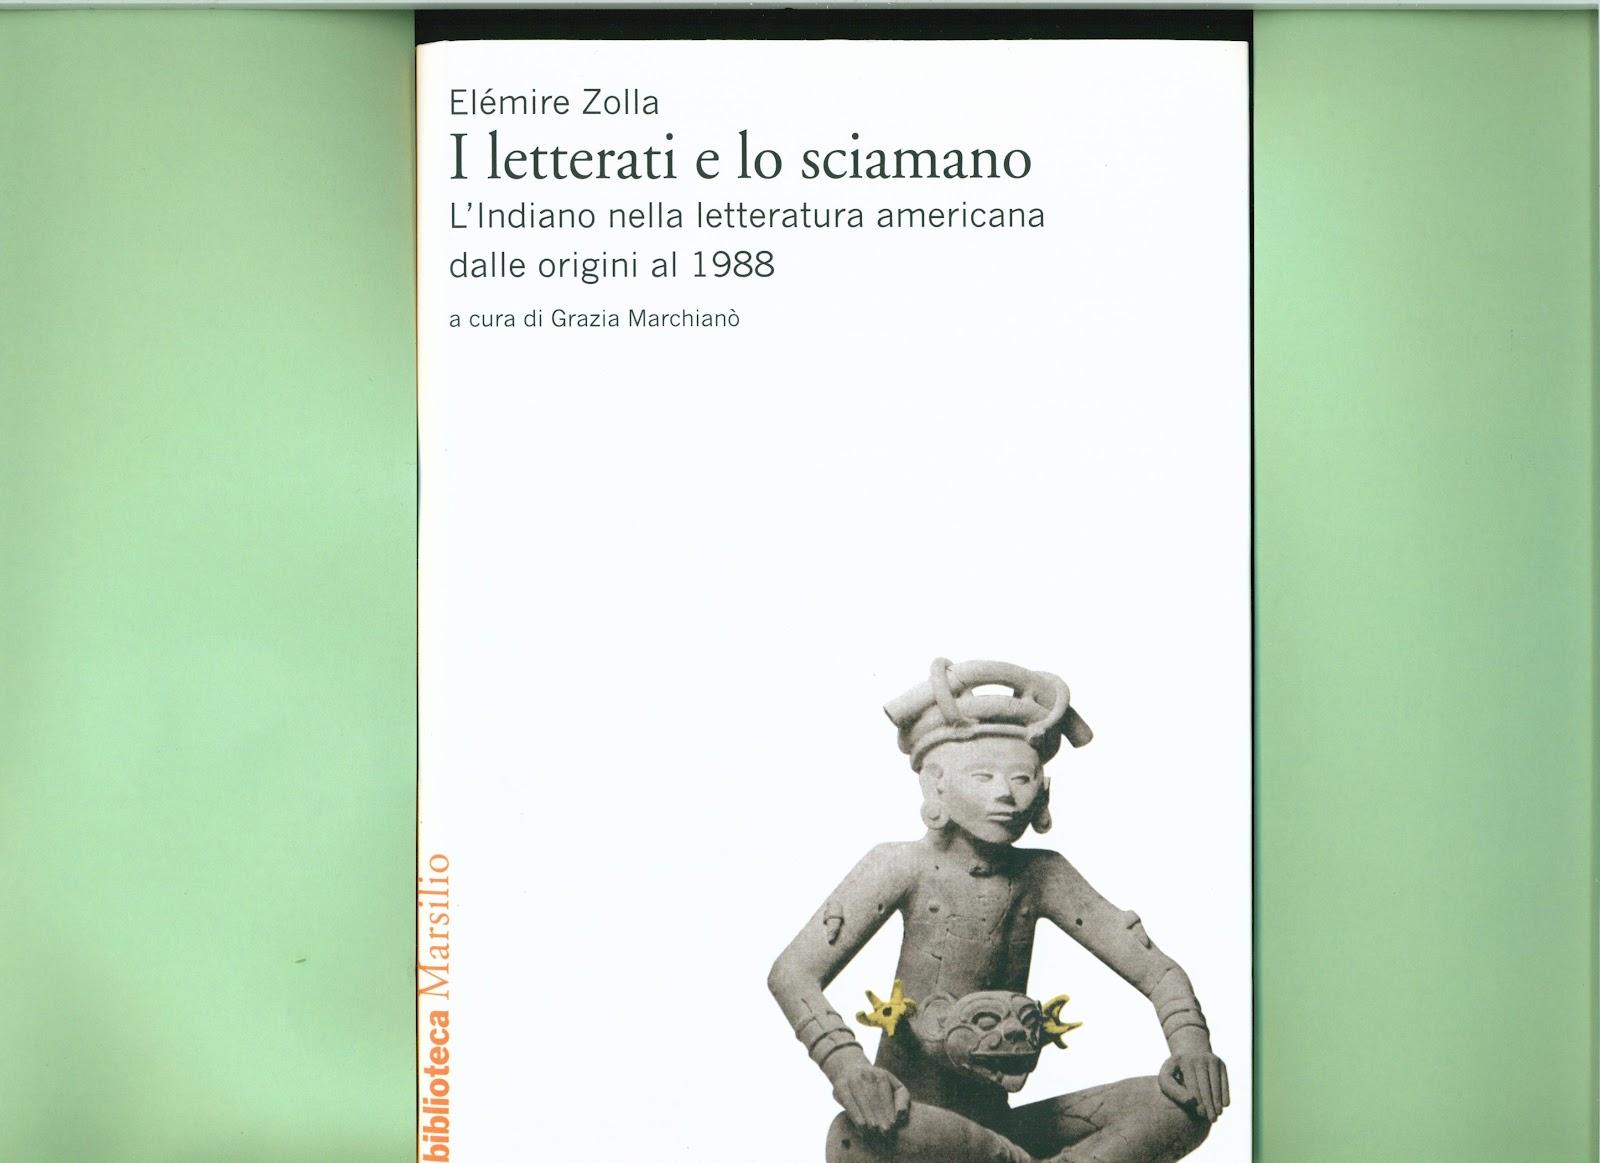 Libreria torriani di canzo: luglio 2012